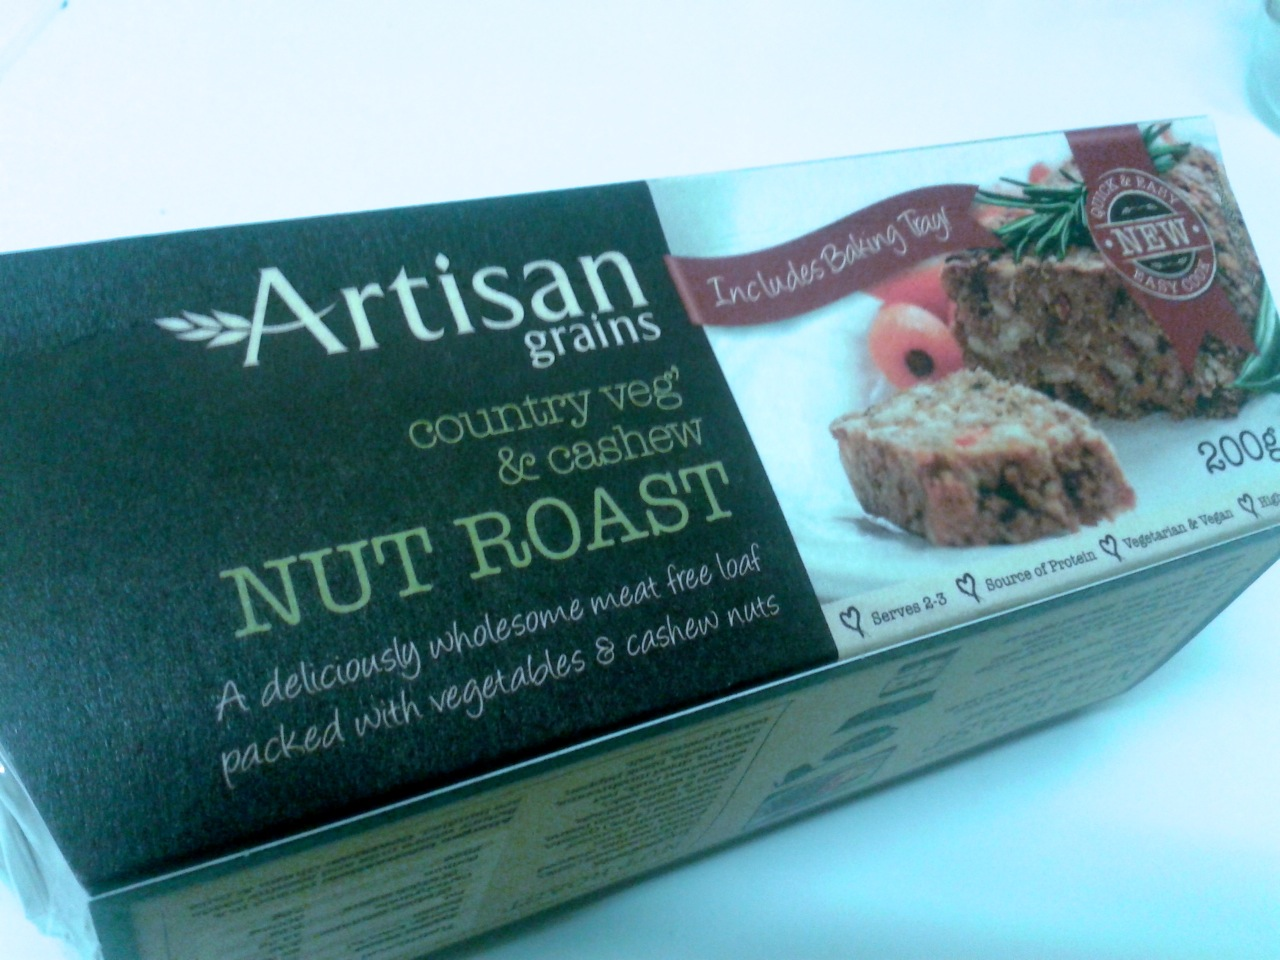 http://fatgayvegan.com/wp-content/uploads/2014/01/nut-roast.jpg